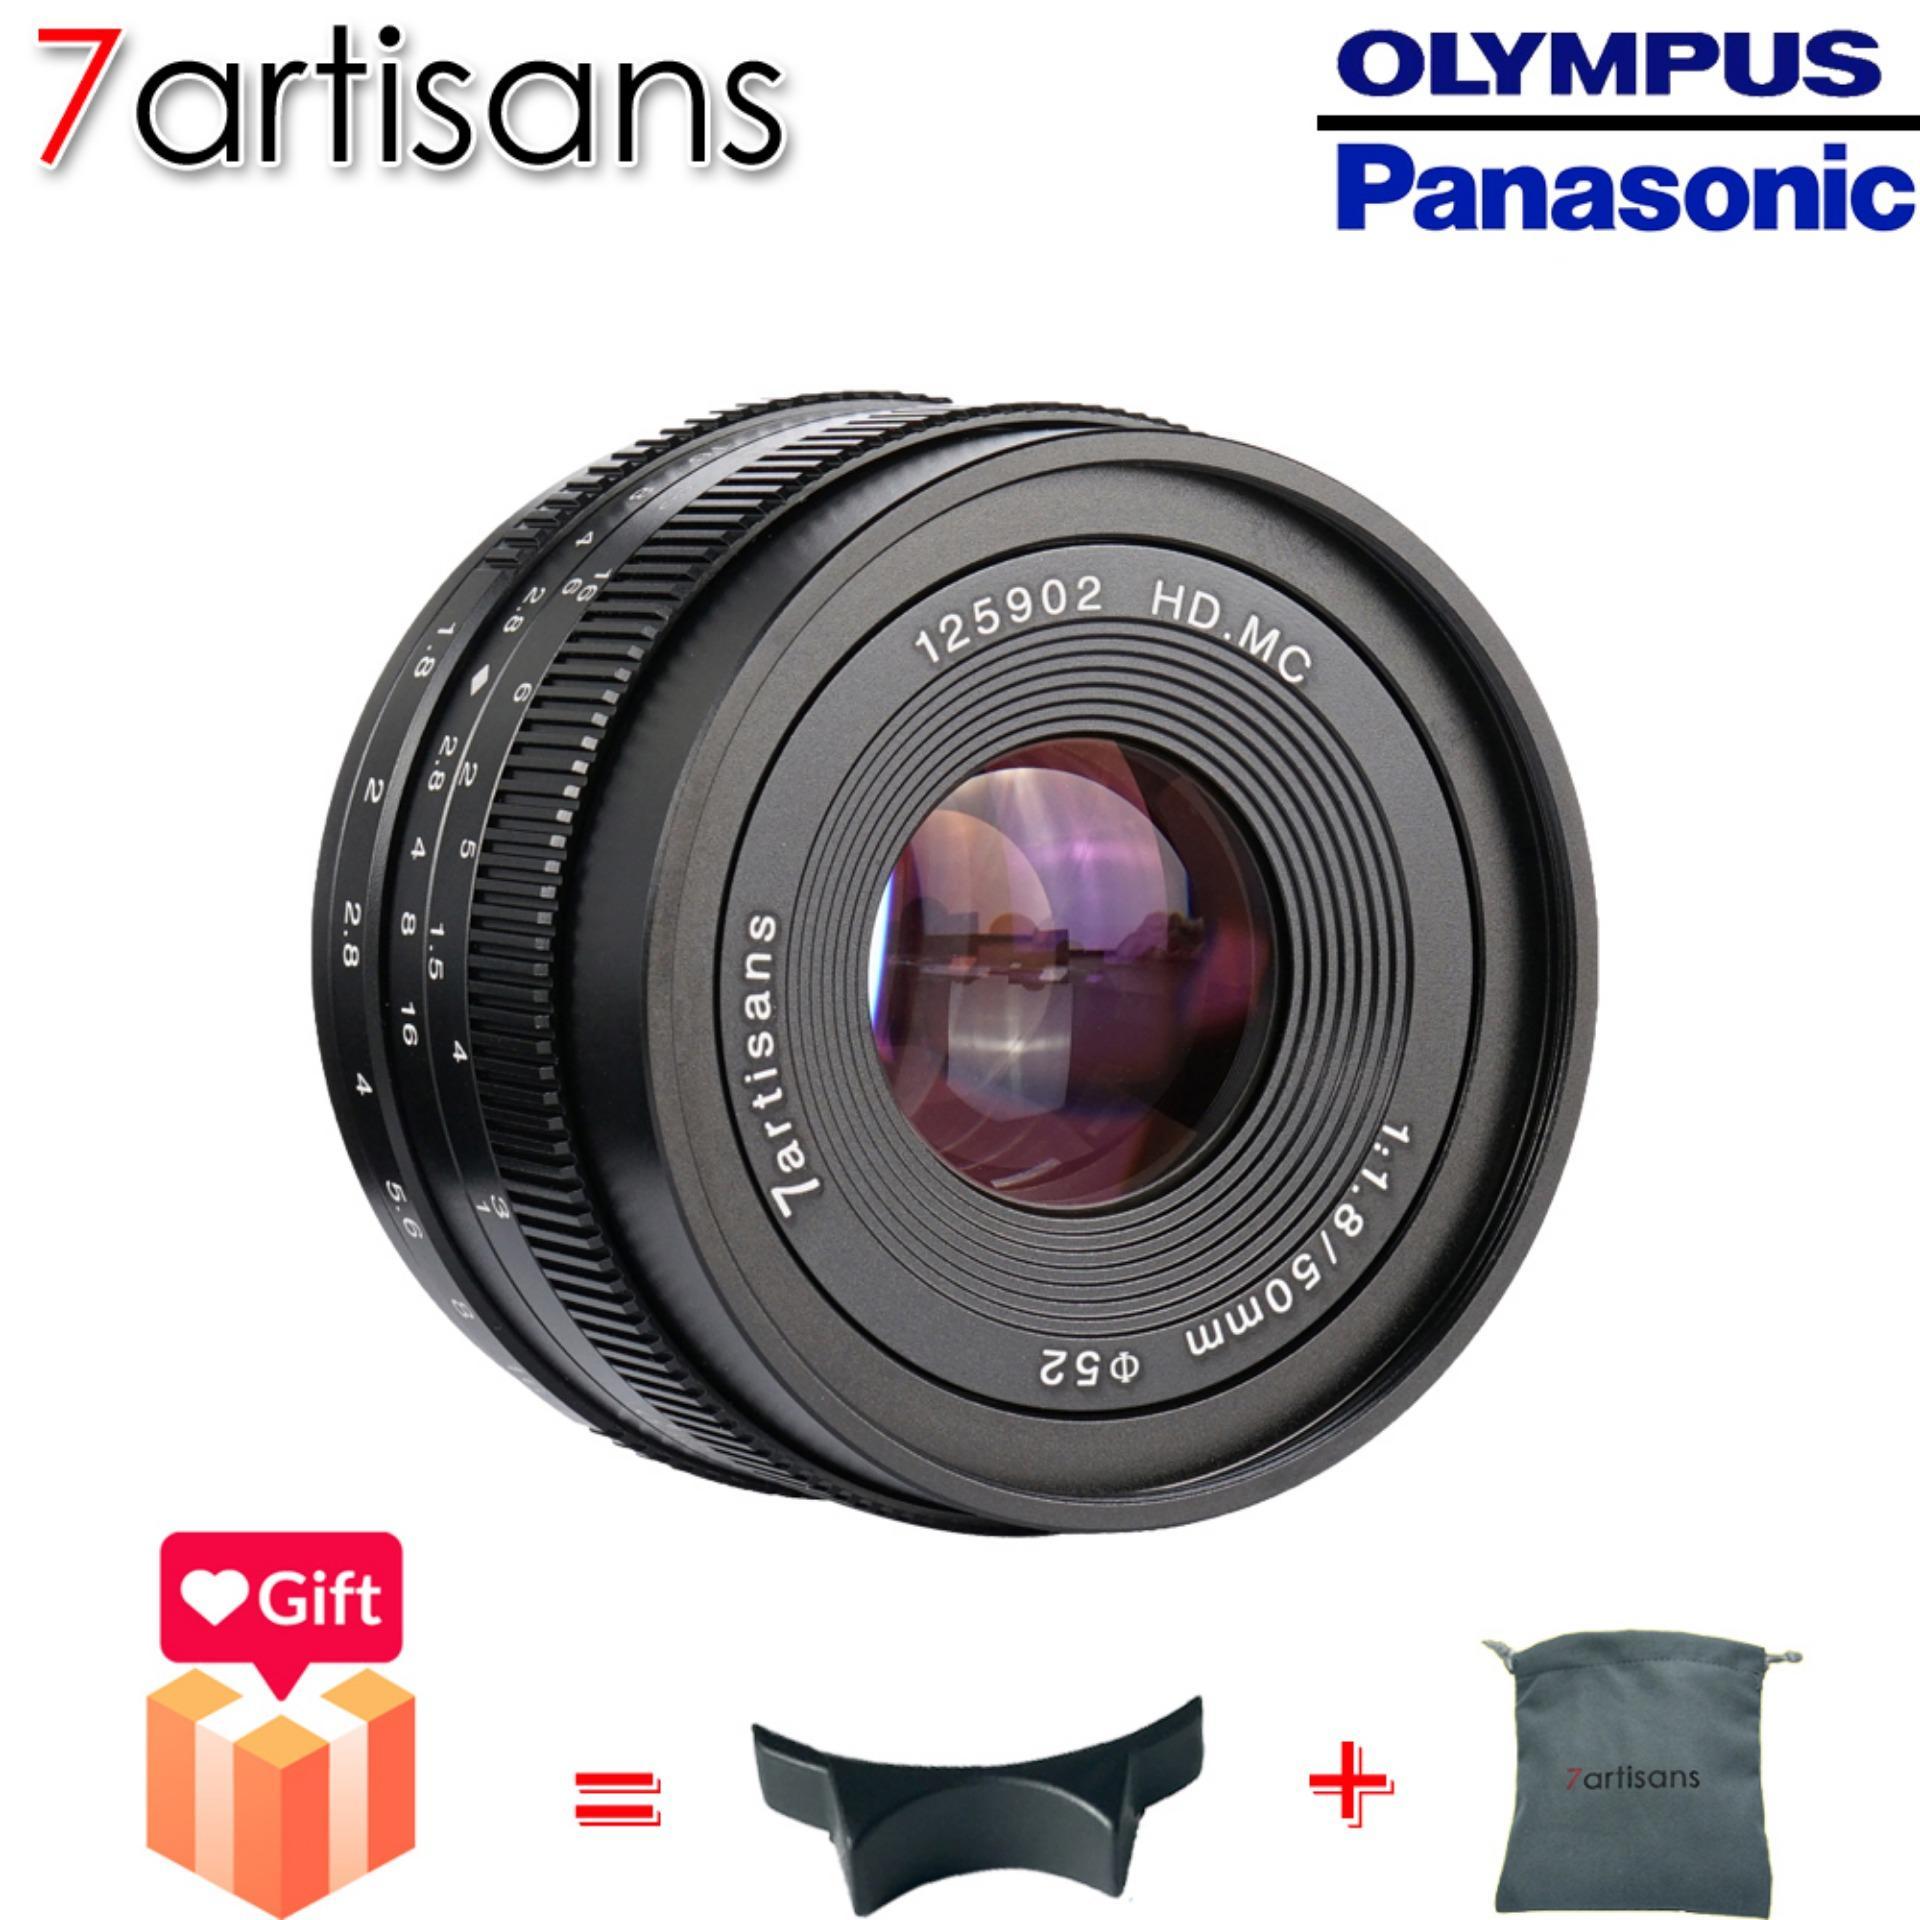 7artisans 50mm F1.8 Manual Lensa Tetap untuk M4/3 Gunung Kamera Panasonic G1 G2 G3 G4 G5 g6 G7 GF1 GF2 GF3 GF5 GF6 GM1 Olympus EMP1 EPM2 E-PL1 E-PL2 E-PL3 E-PL5 (Hitam)